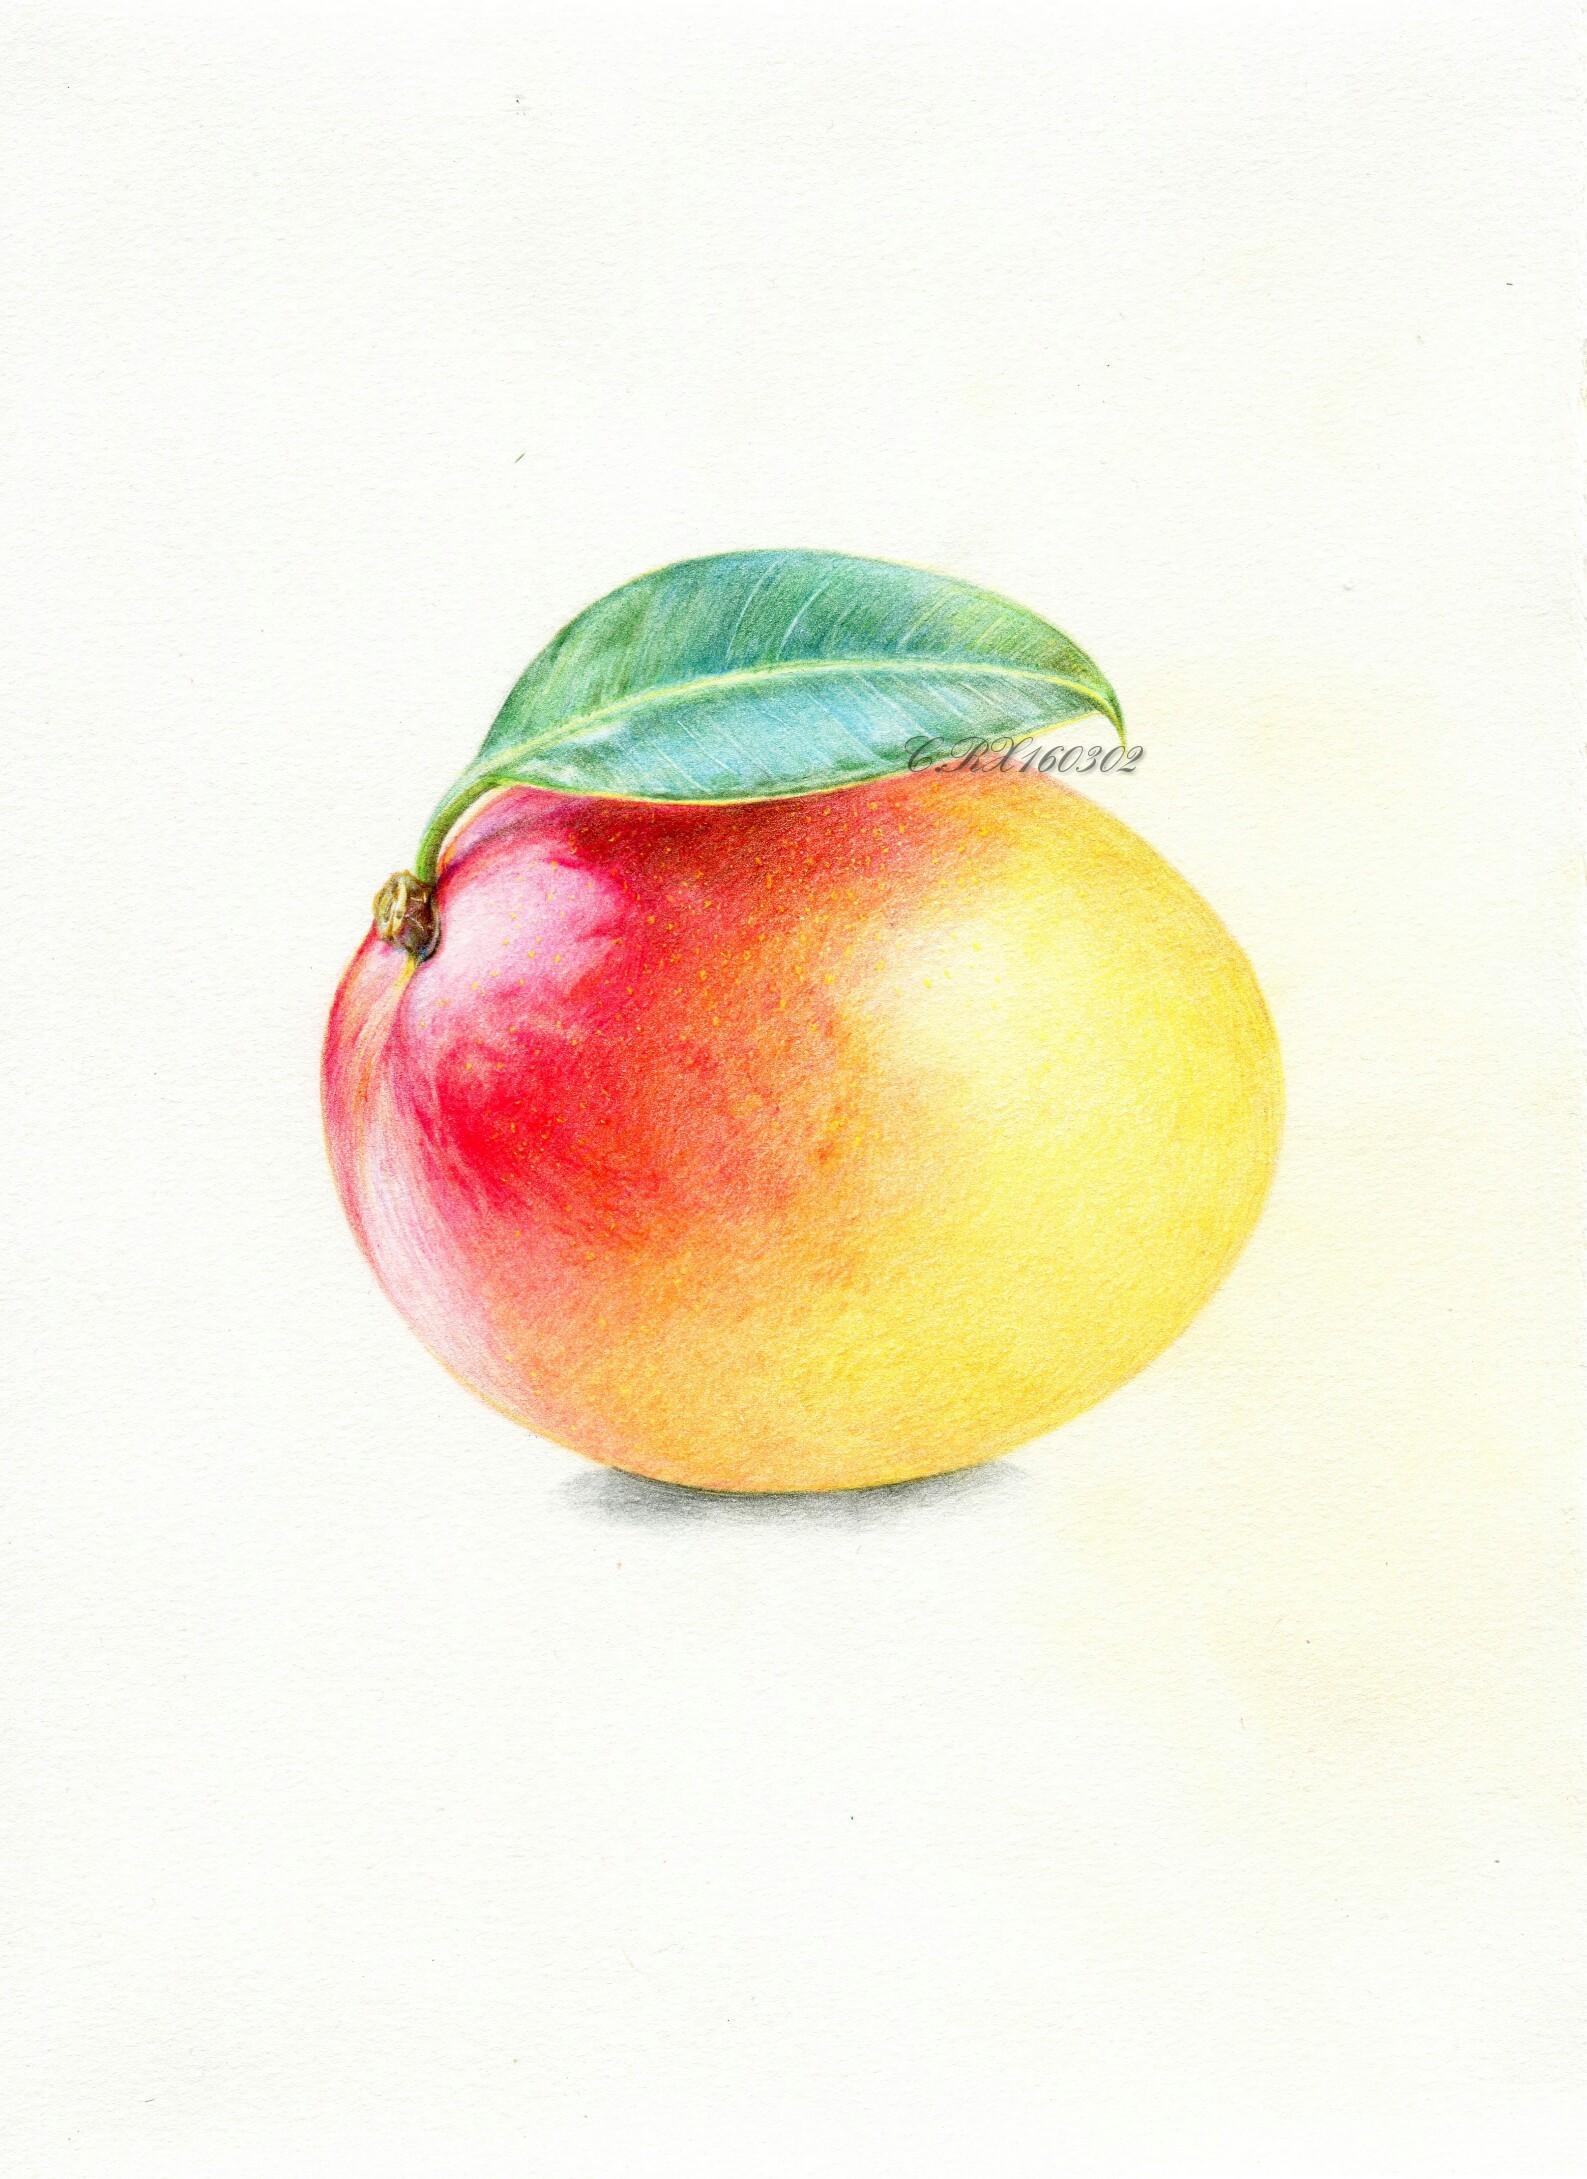 【彩铅水果】澳芒